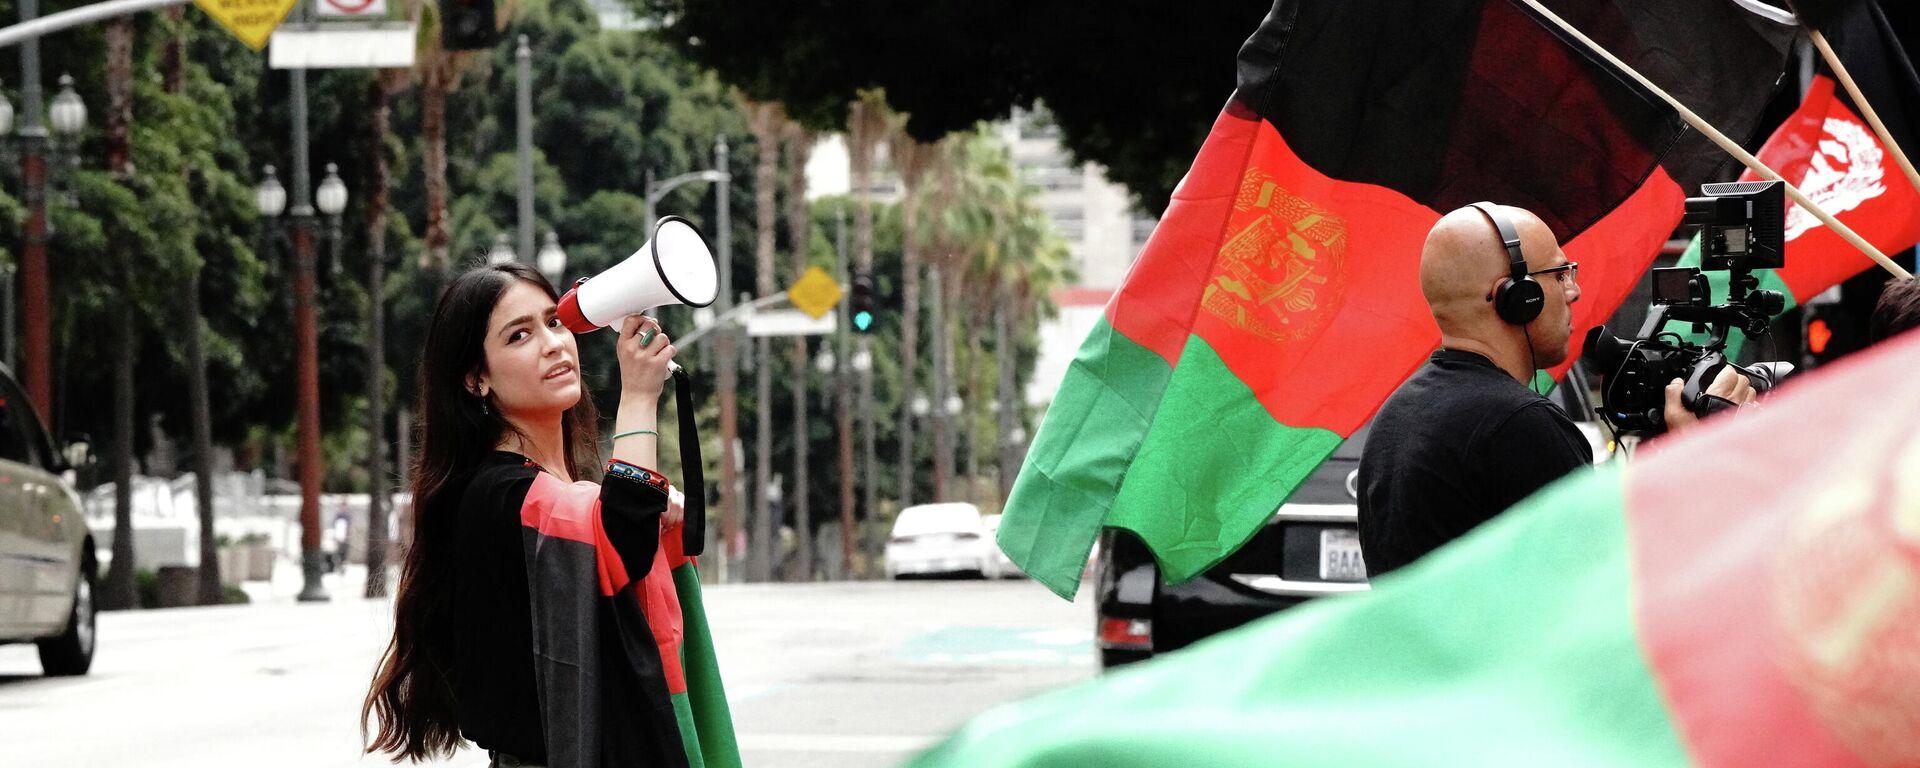 La inmigrante afgano-estadounidense Hameeda Uloomi, de 18 años, con un megáfono, en un mitin que organizó contra los talibanes y los acontecimientos en Afganistán, durante una manifestación en el centro de Los Ángeles, California, Estados Unidos, el 21 de agosto de 2021 - Sputnik Mundo, 1920, 27.08.2021